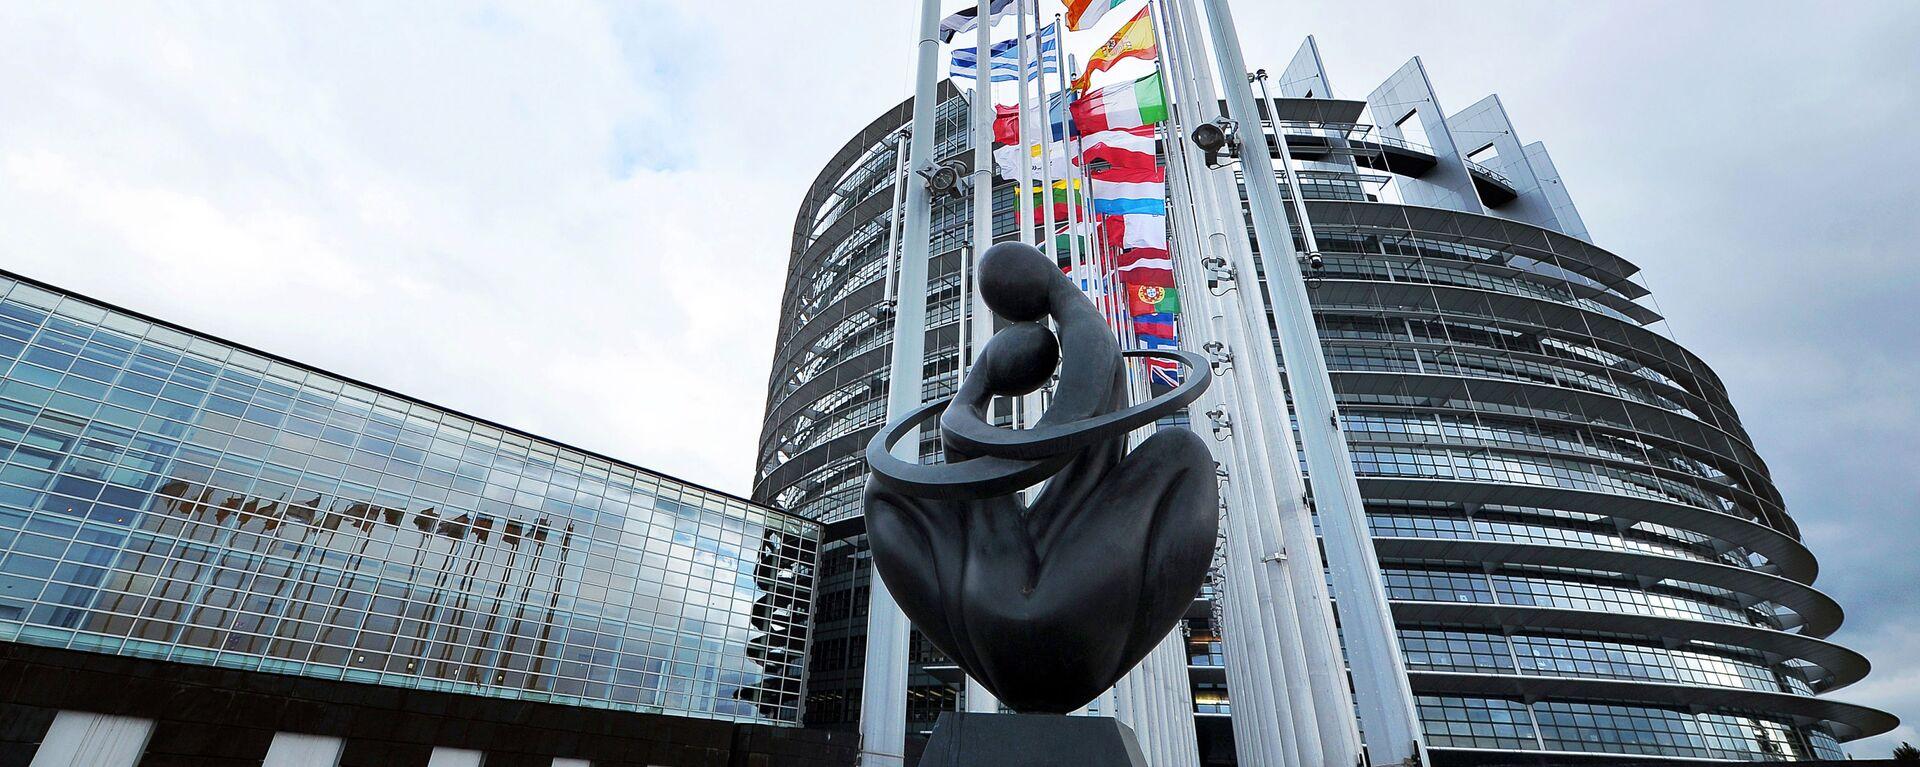 Скульптура Сердце Европы напротив здания Европарламента в Страсбурге  - Sputnik France, 1920, 25.09.2020